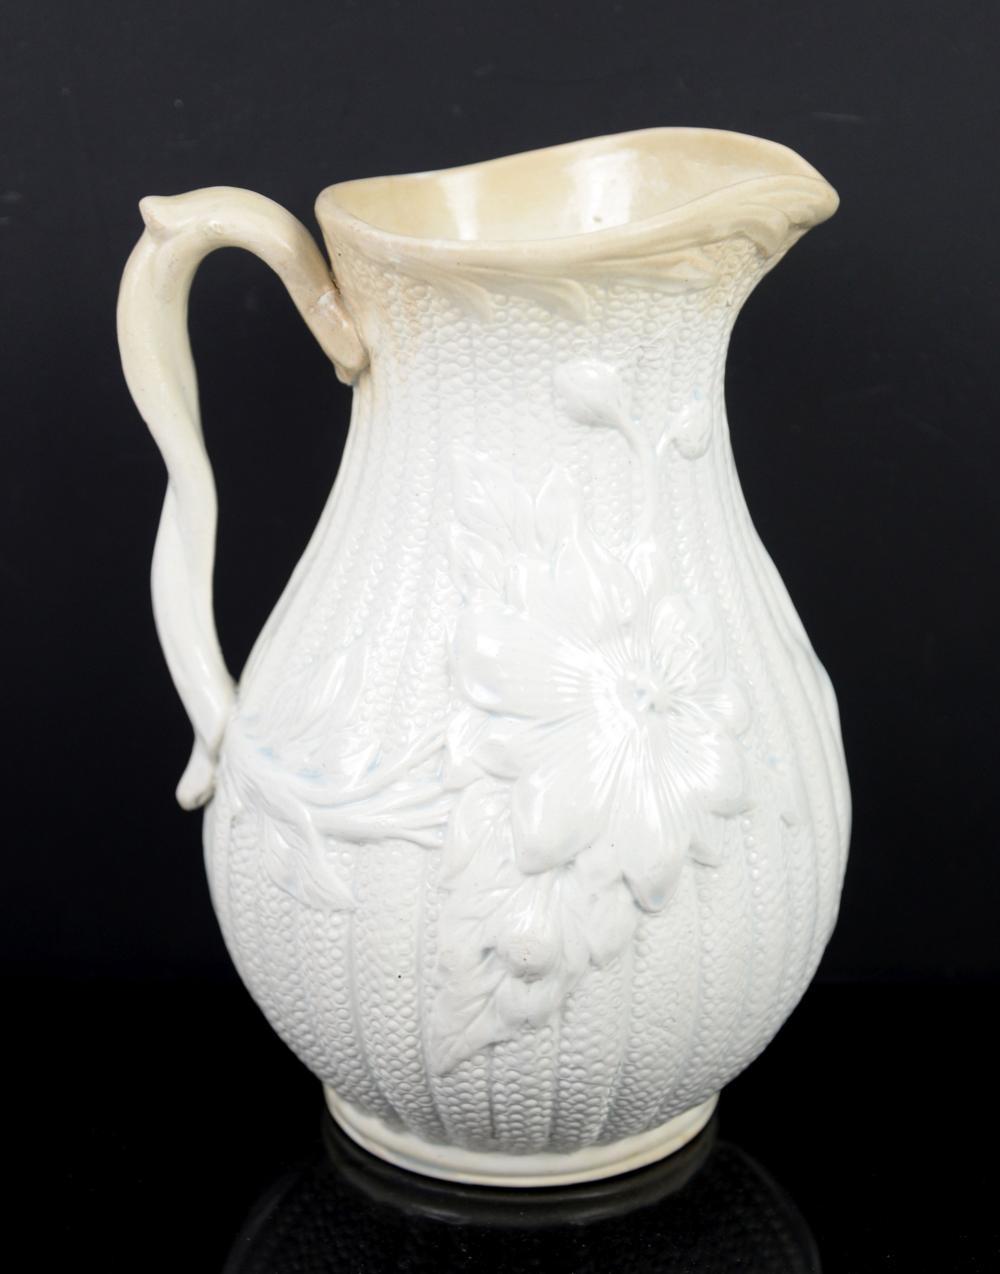 19th century salt glazed stoneware jug embossed wi